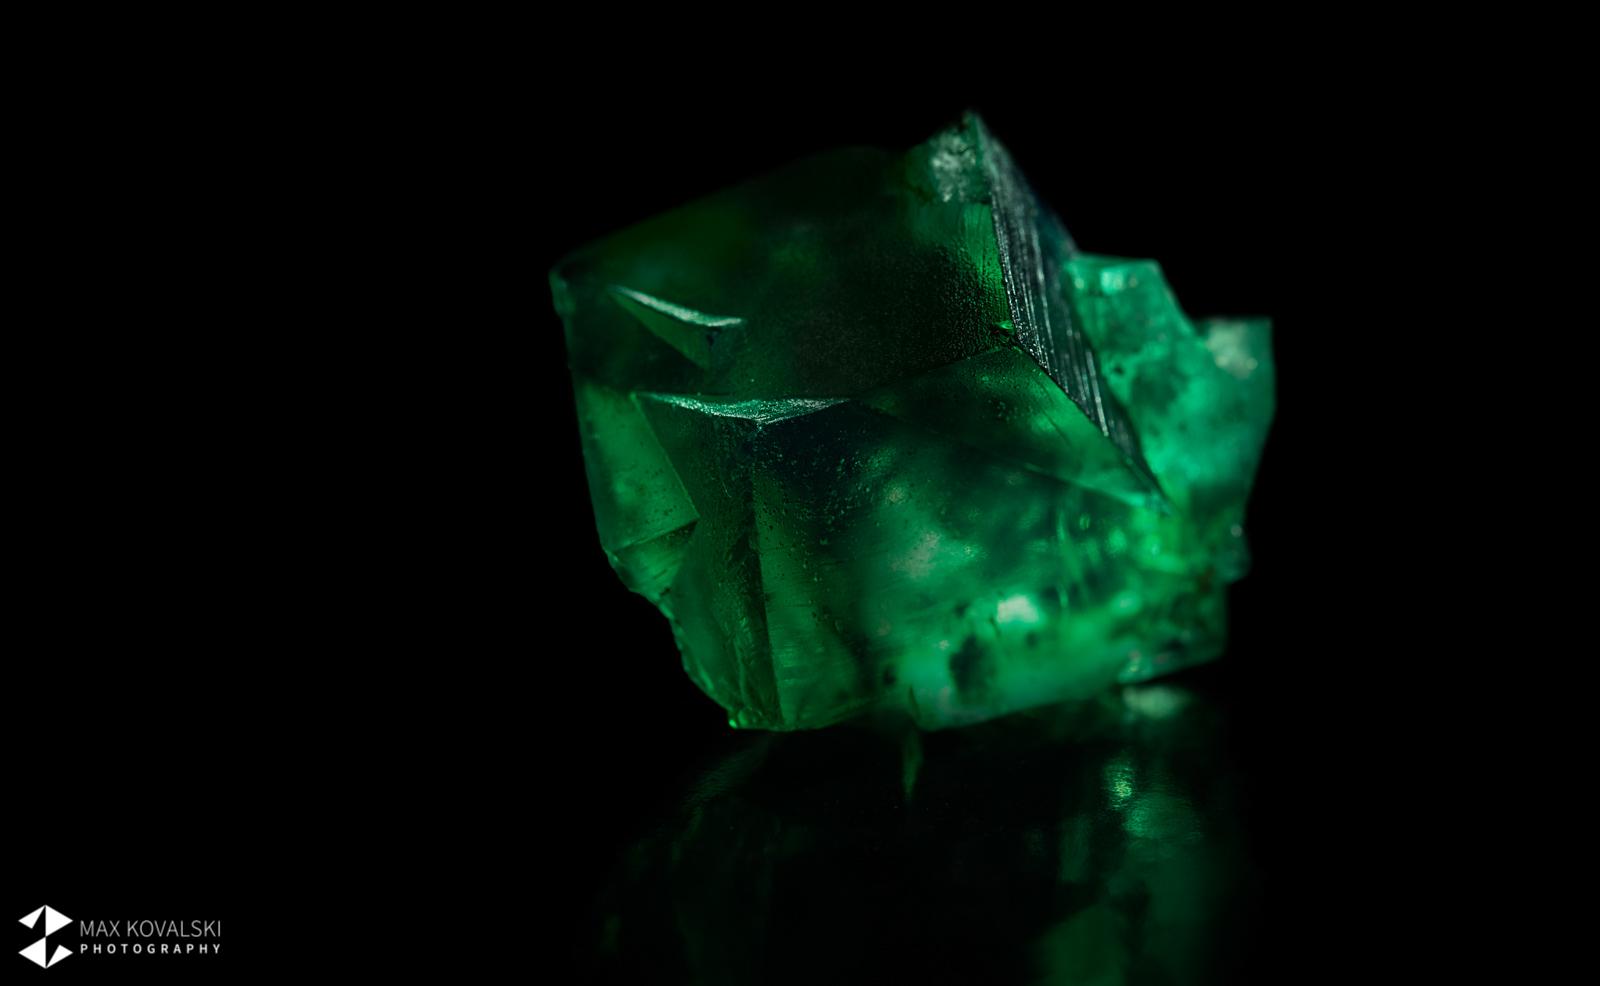 גביש יפהפה באיכות גבוהה של פלואוריט ירוקה. צילום: מקס קובלסקי Photo by Max Kovalski www.maxkov.com